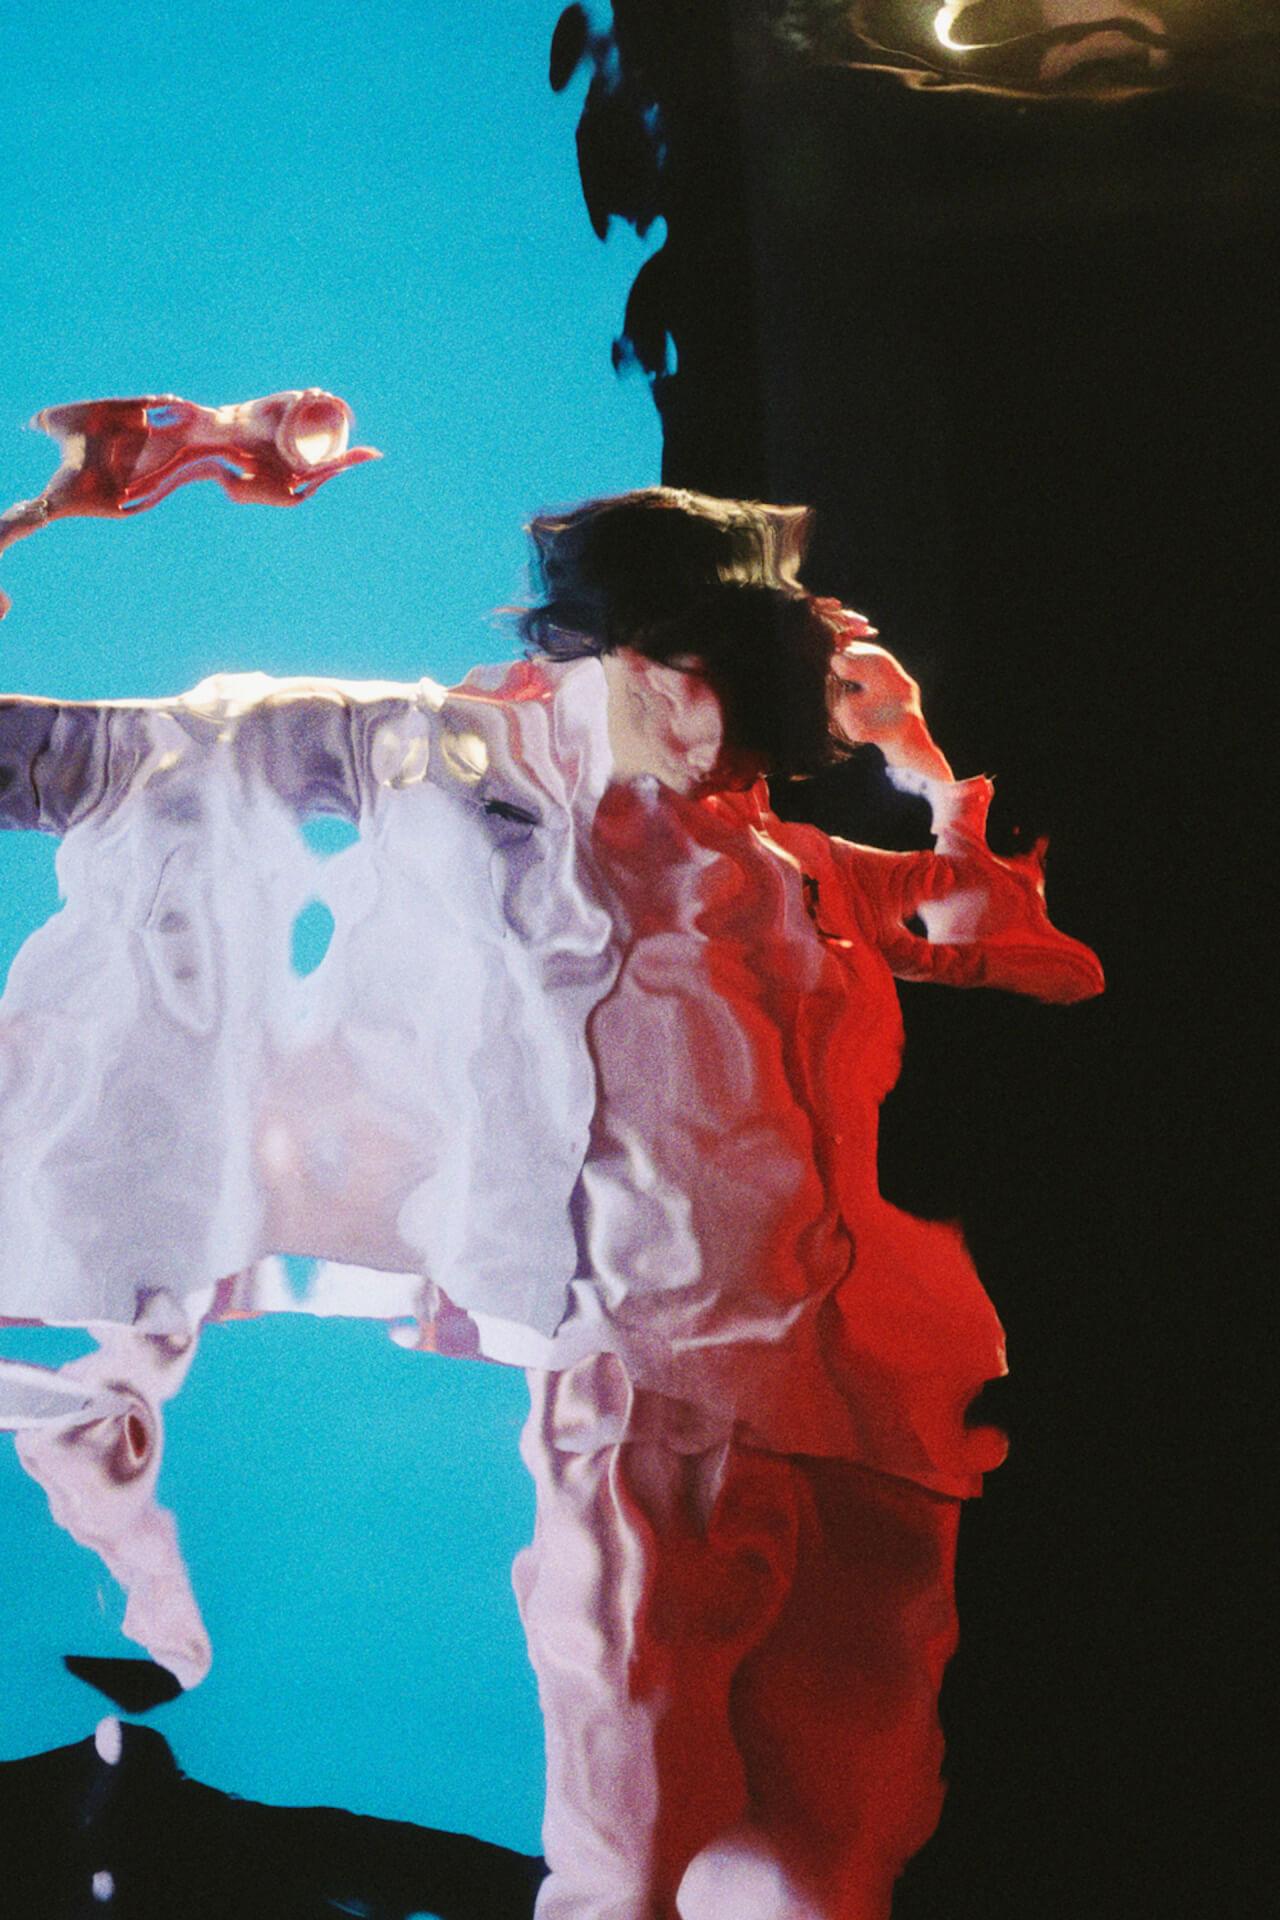 米津玄師ニューシングル『Pale Blue』発売記念!「#トケチャレ」ブースがCDショップで展開決定 music210611_yonezukenshi_paleblue_3